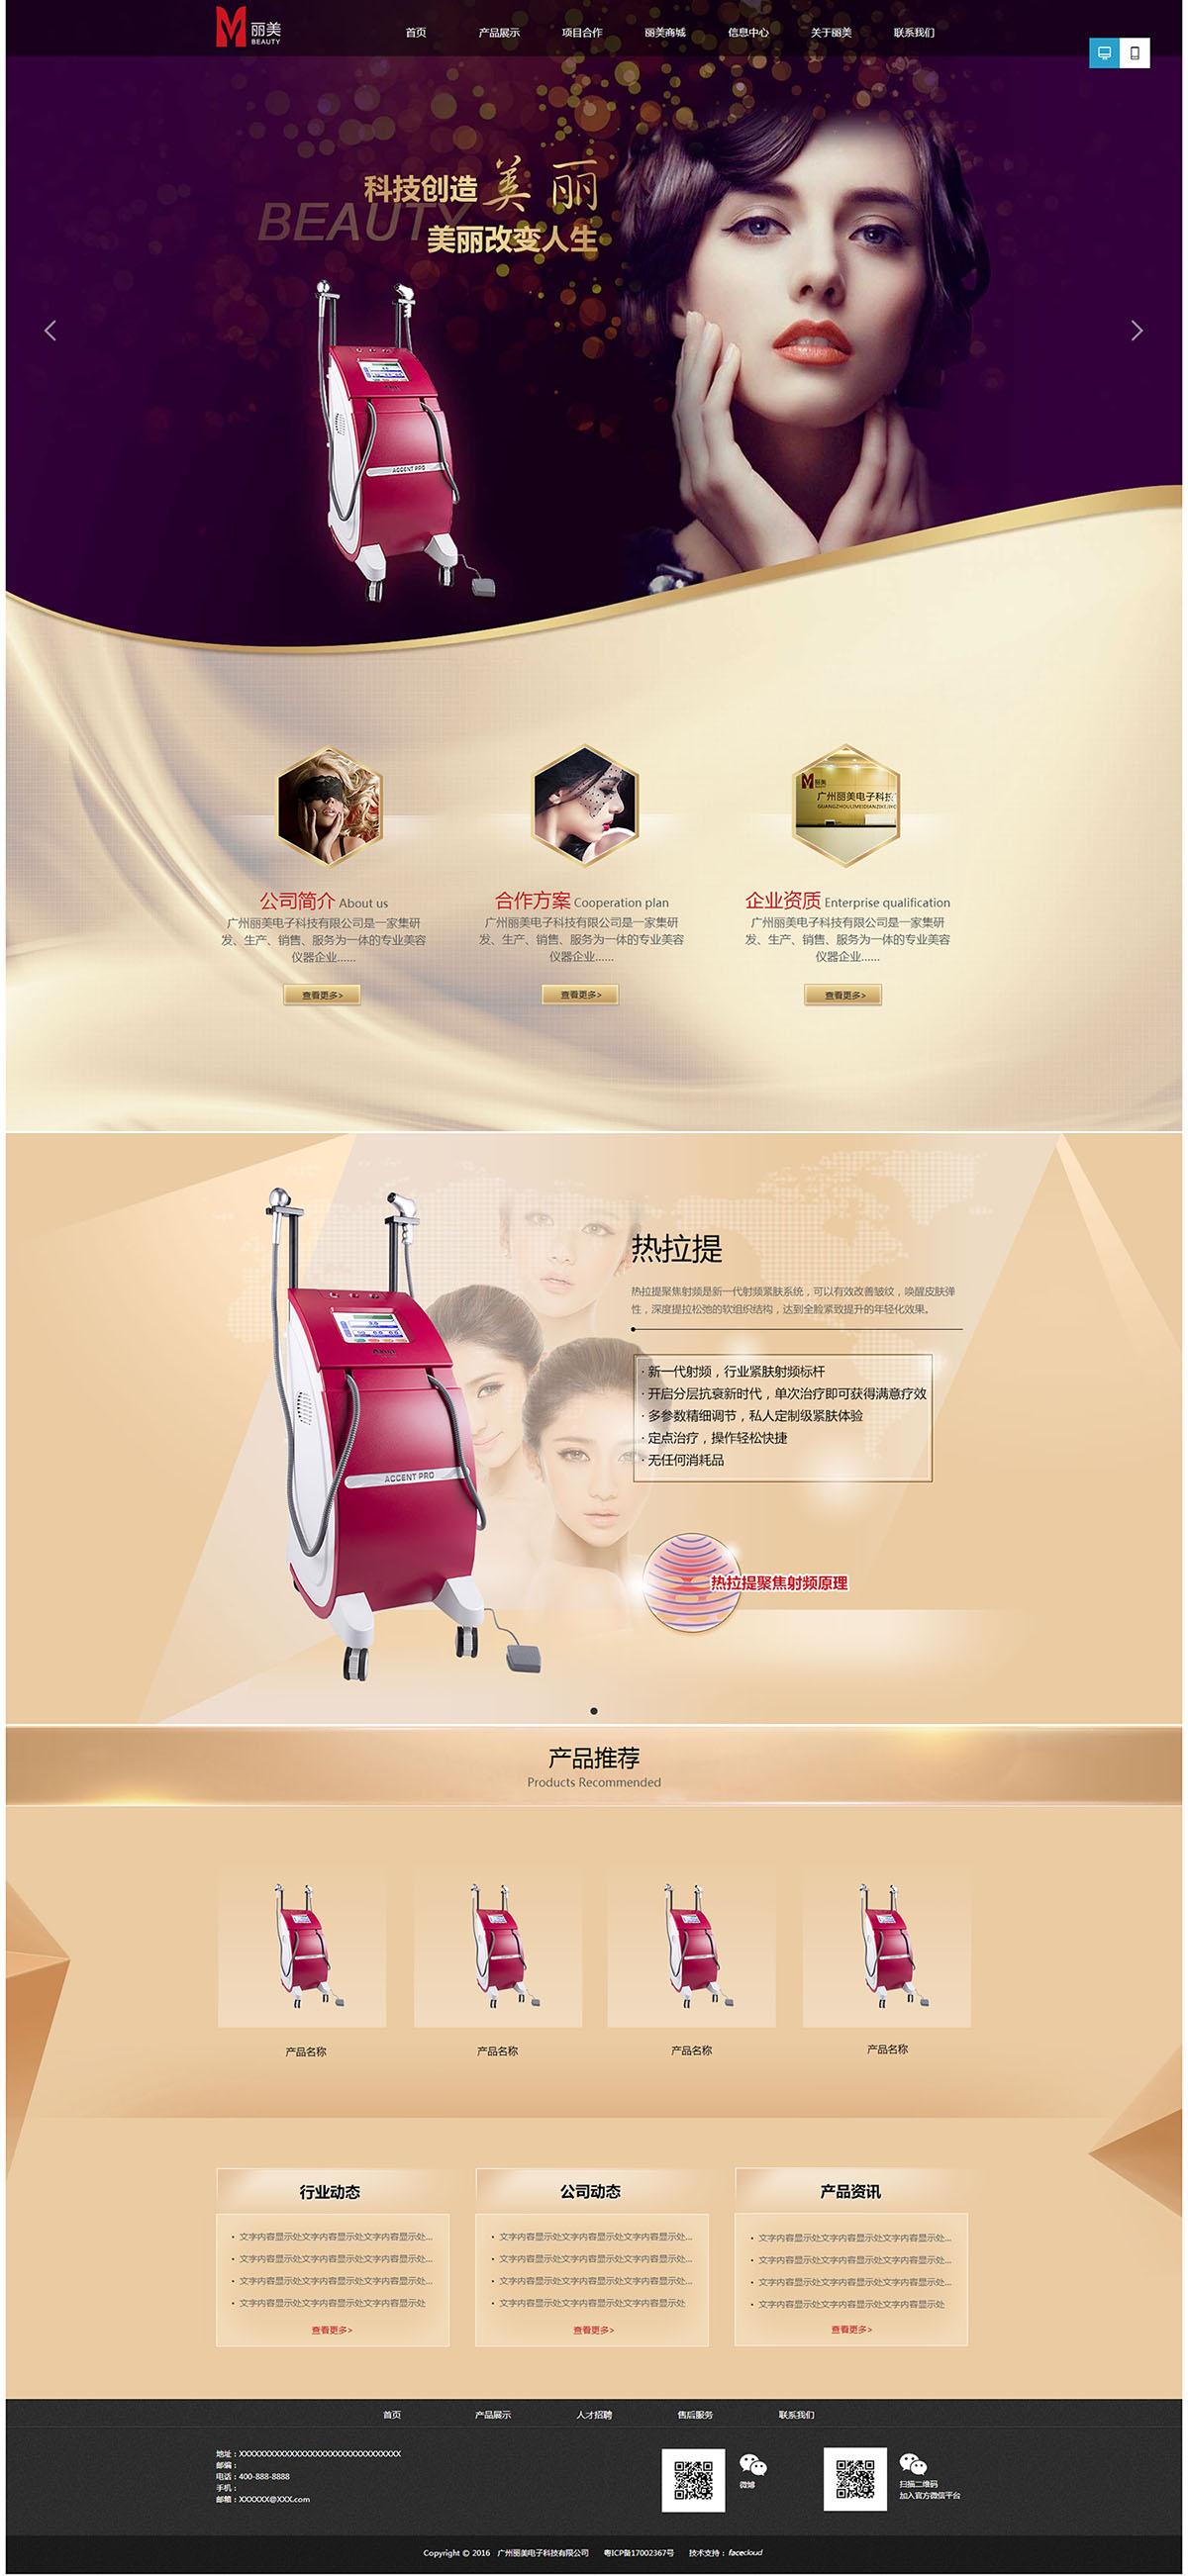 广州丽美电子科技有限公司_首页